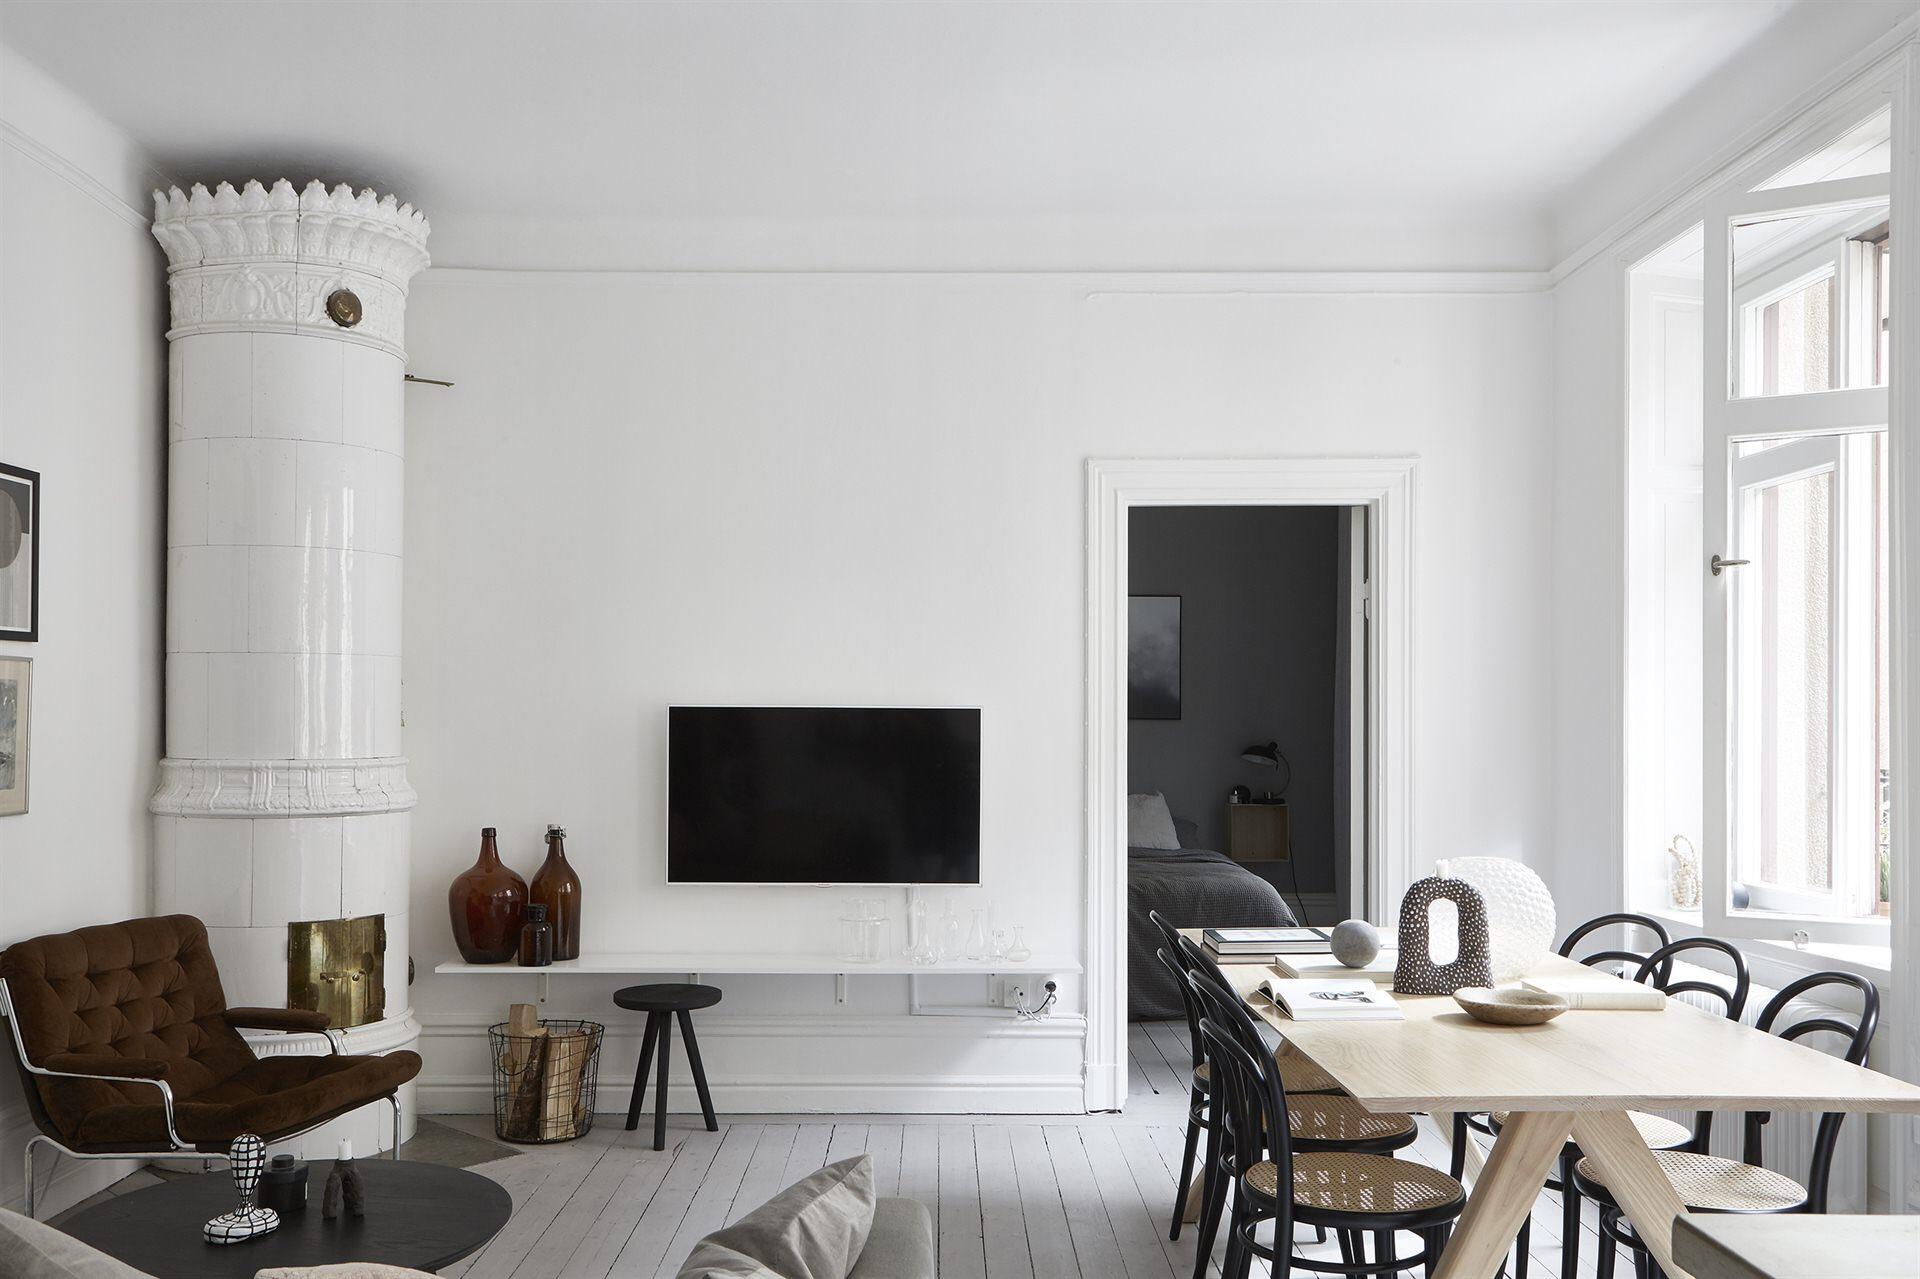 гостиная диван кресло консоль телевизор печь стол стулья белые стены сосновая доска